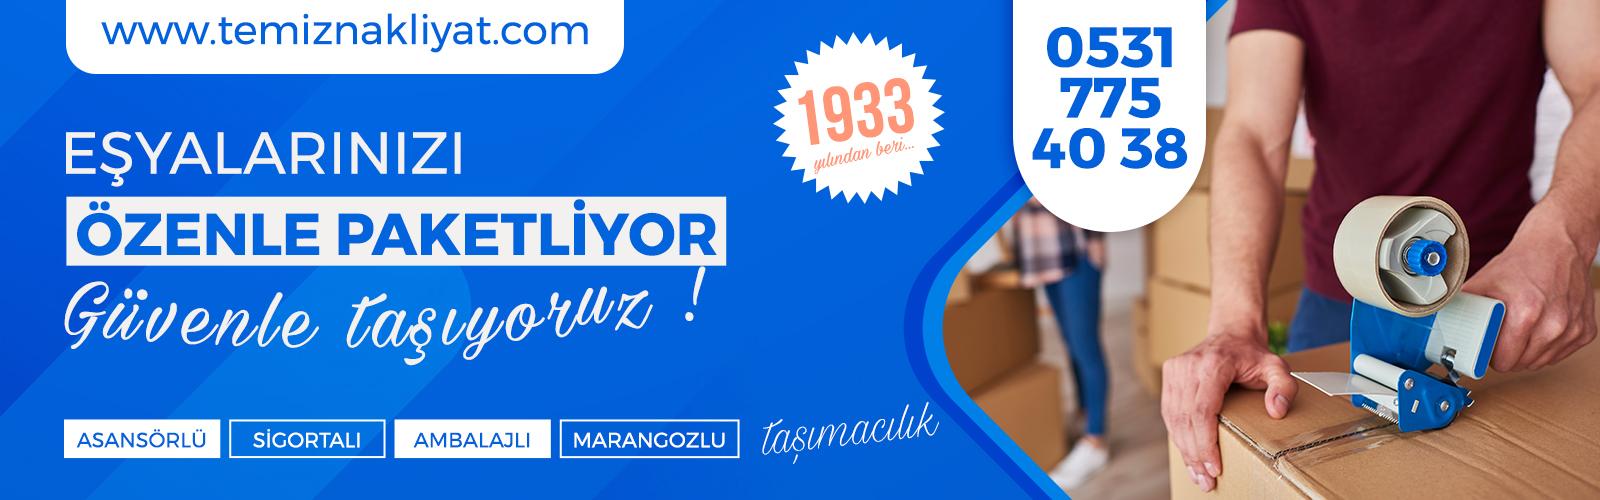 İstanbul Evden Eve Nakliye